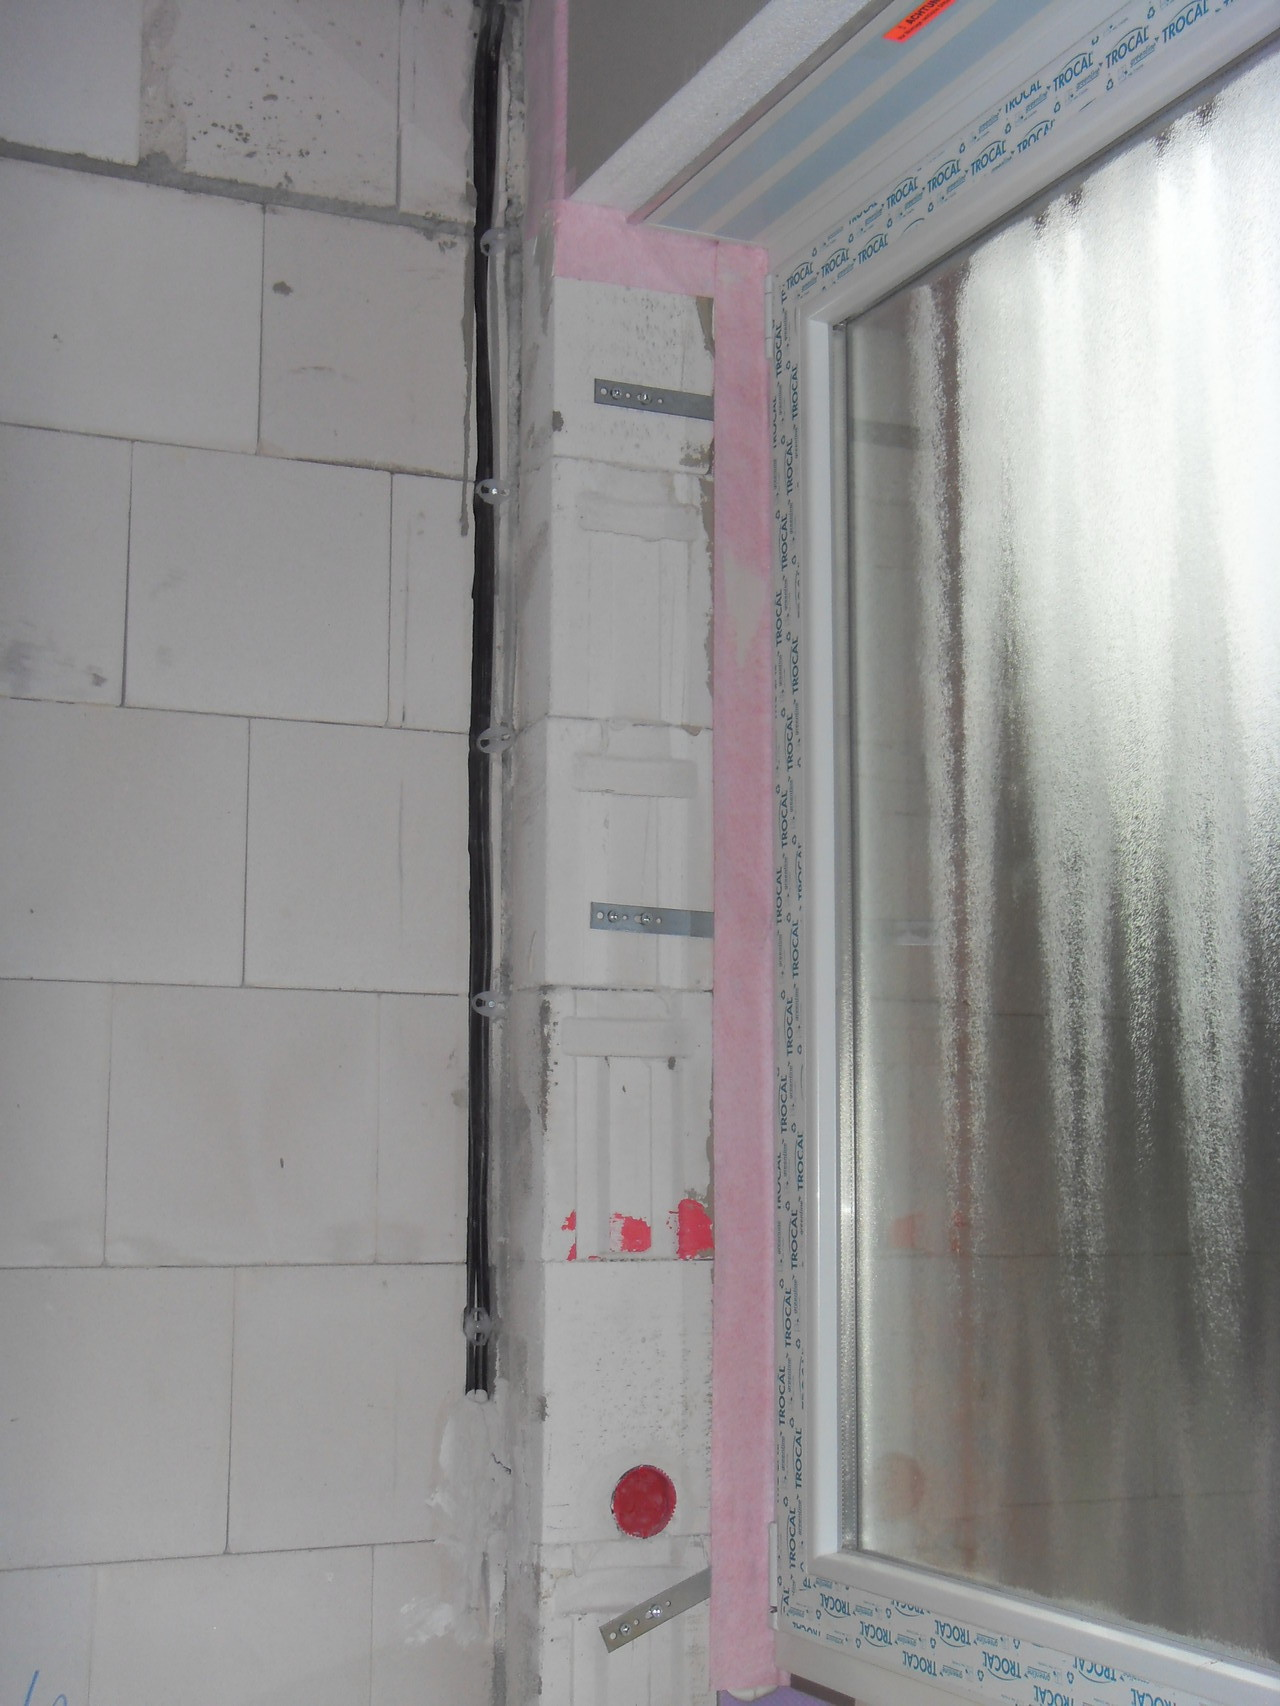 Steckdose im Fensterrahmen